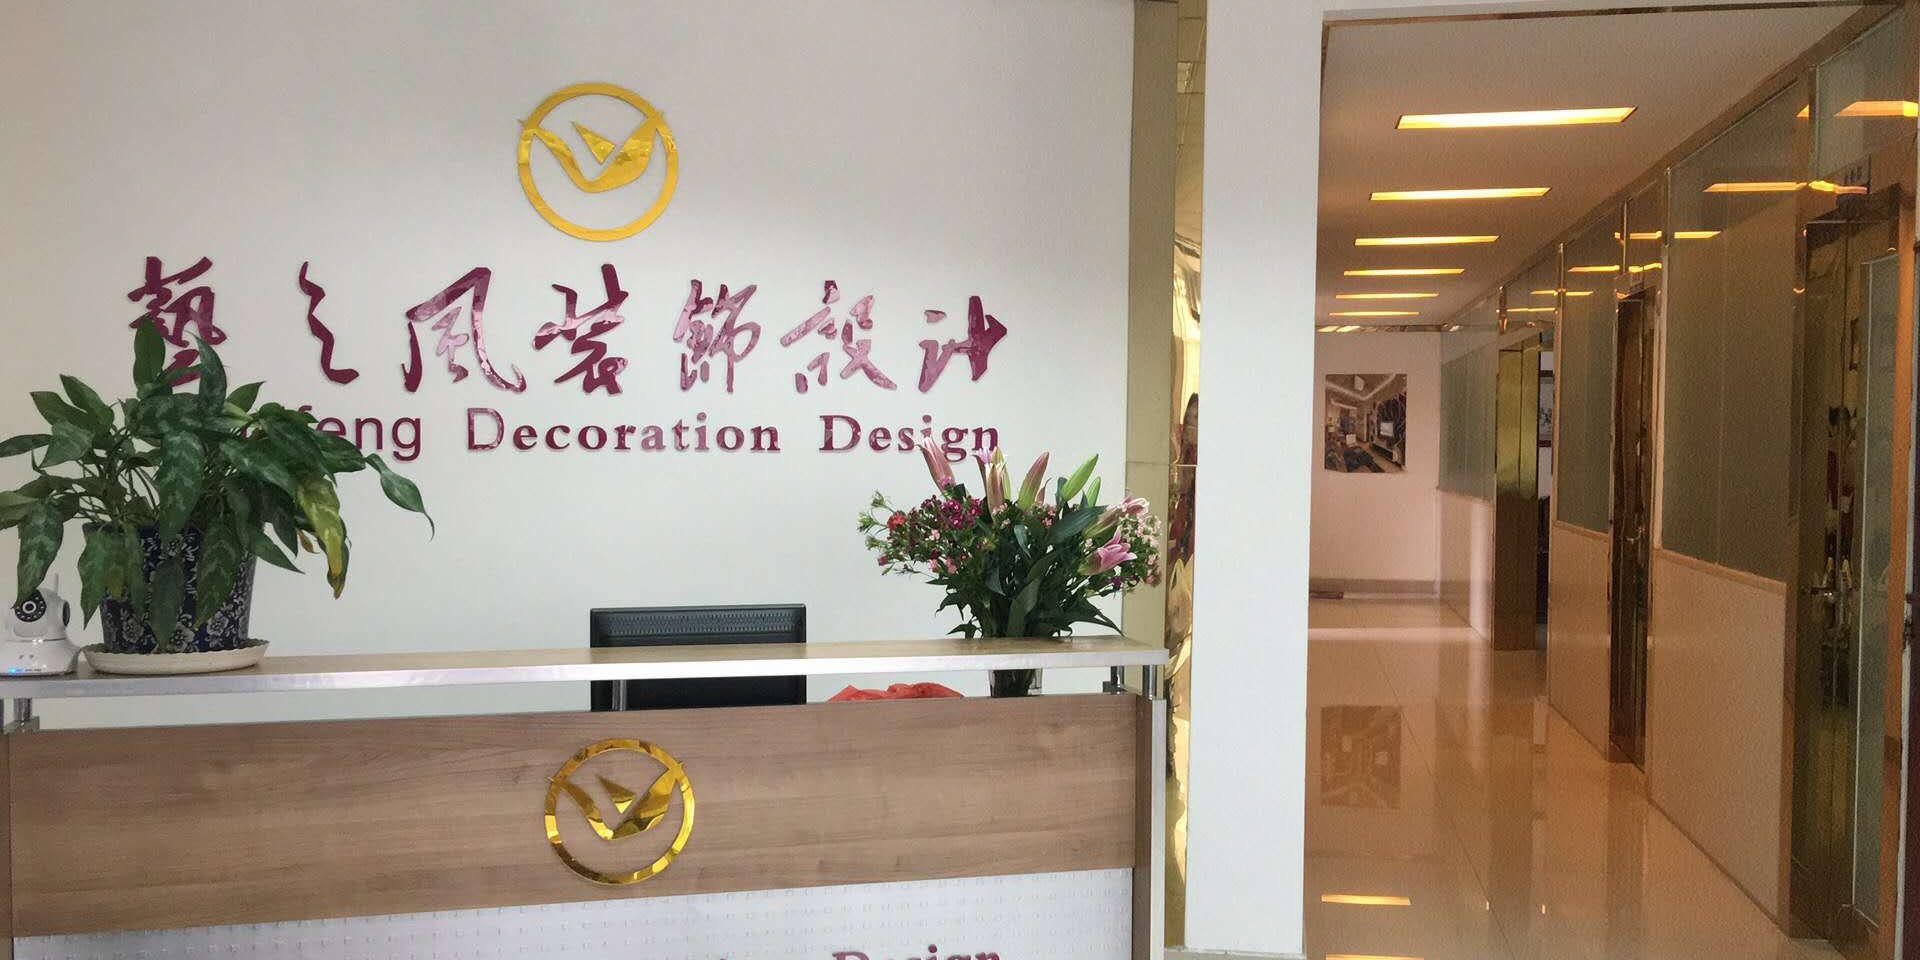 中山市艺之风装饰设计工程有限公司